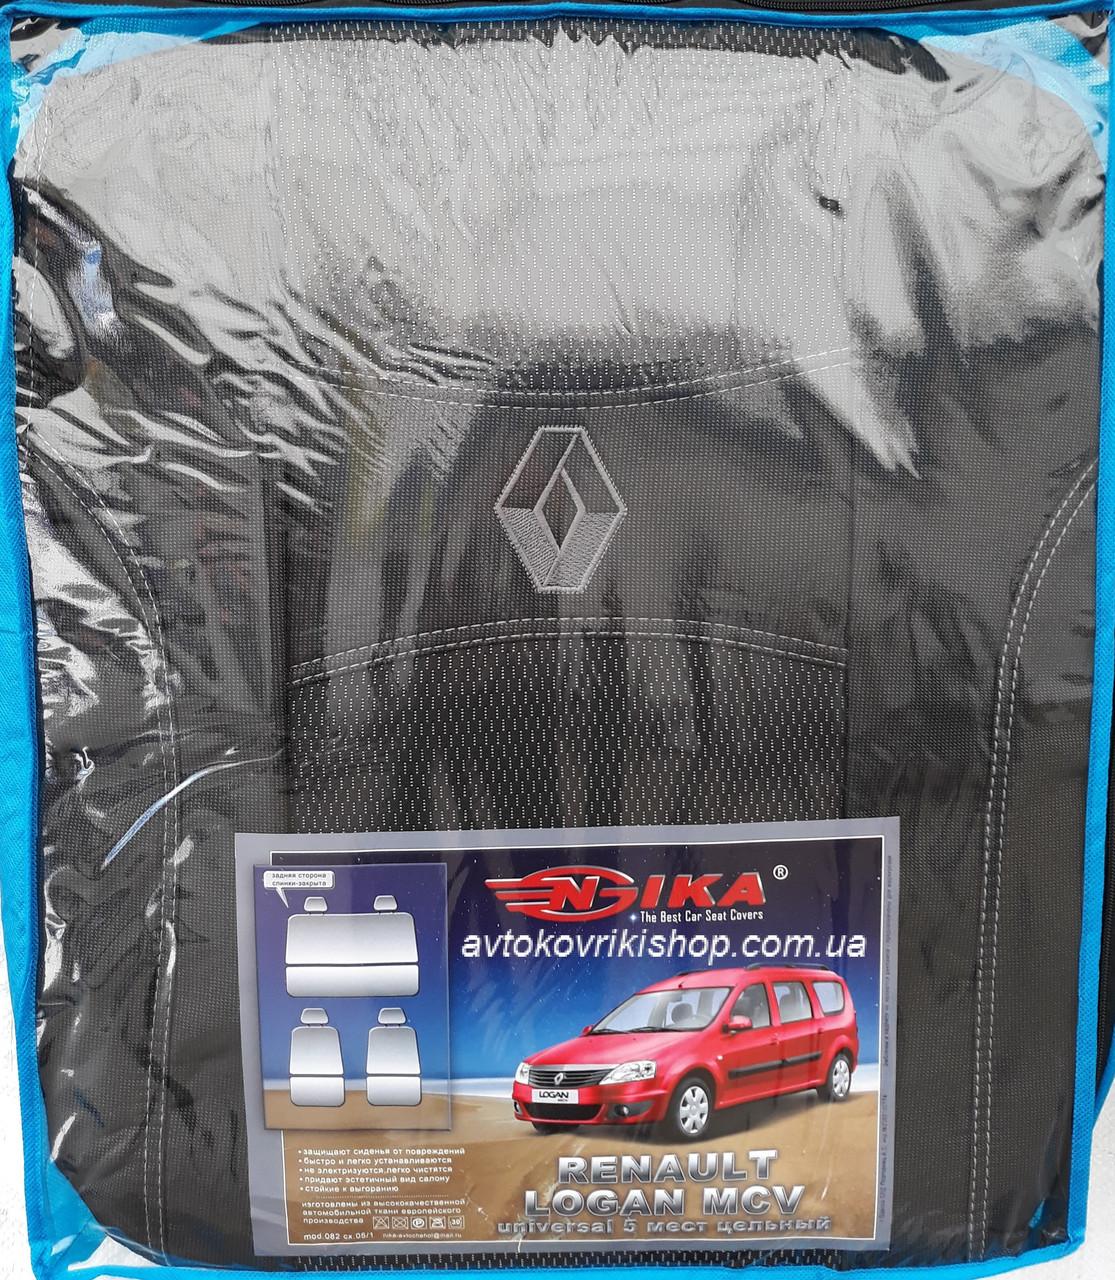 Авточехлы Renault Logan MCV 2009-2013 5 мест (цельная) Nika